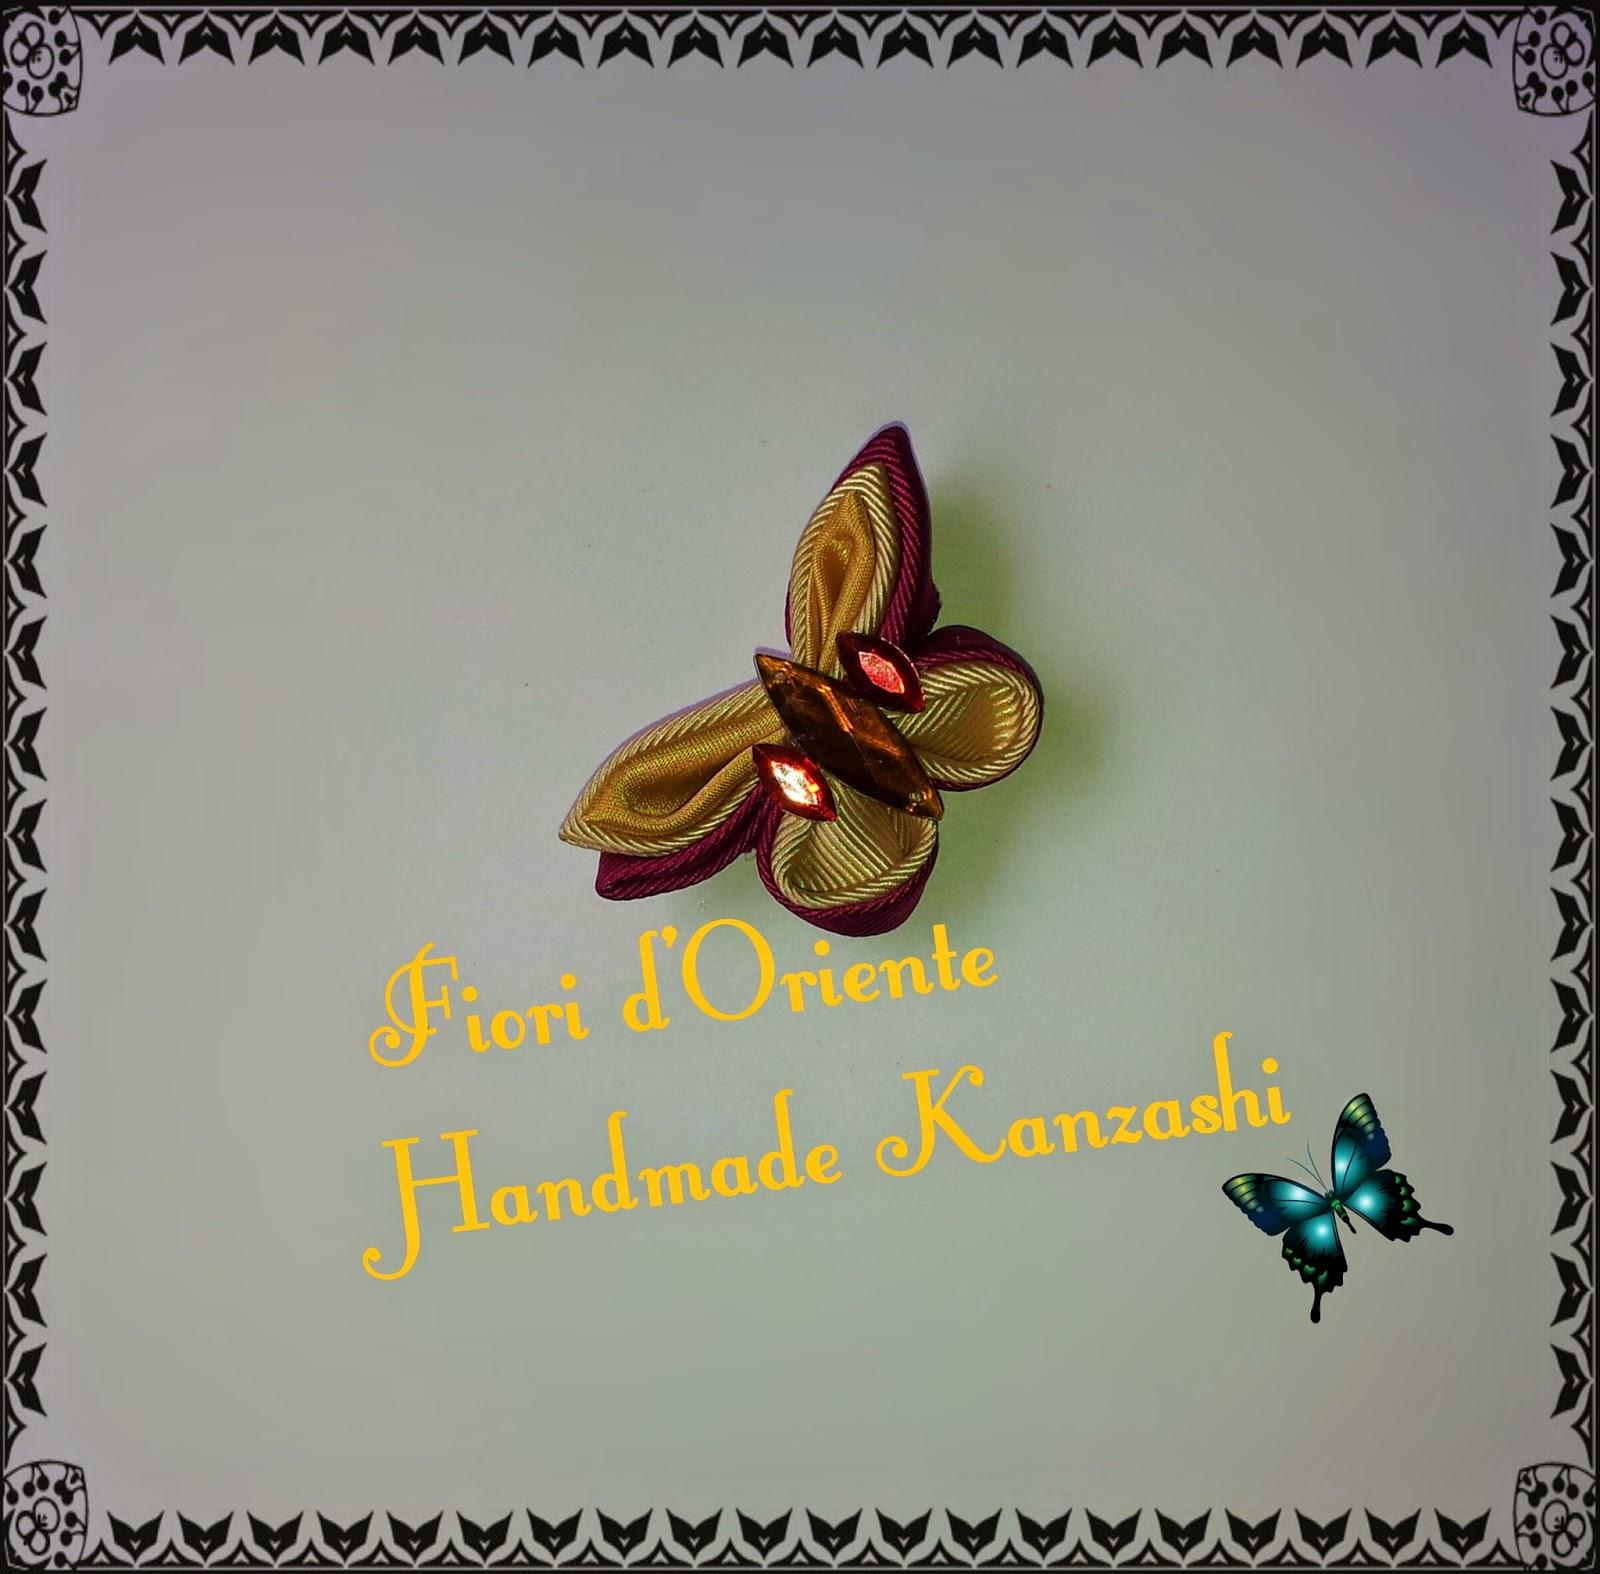 www.facebook.com/fioridoriente